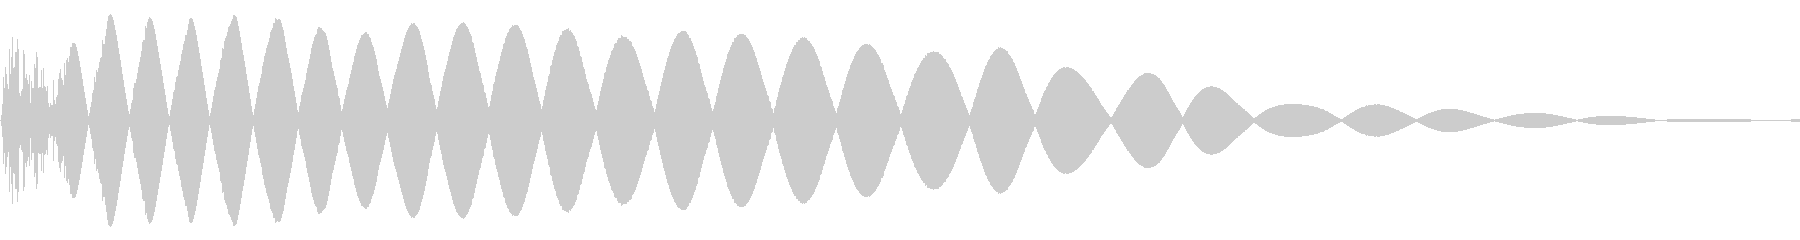 EDMやIDM系のバスドラム! 05の未再生の波形